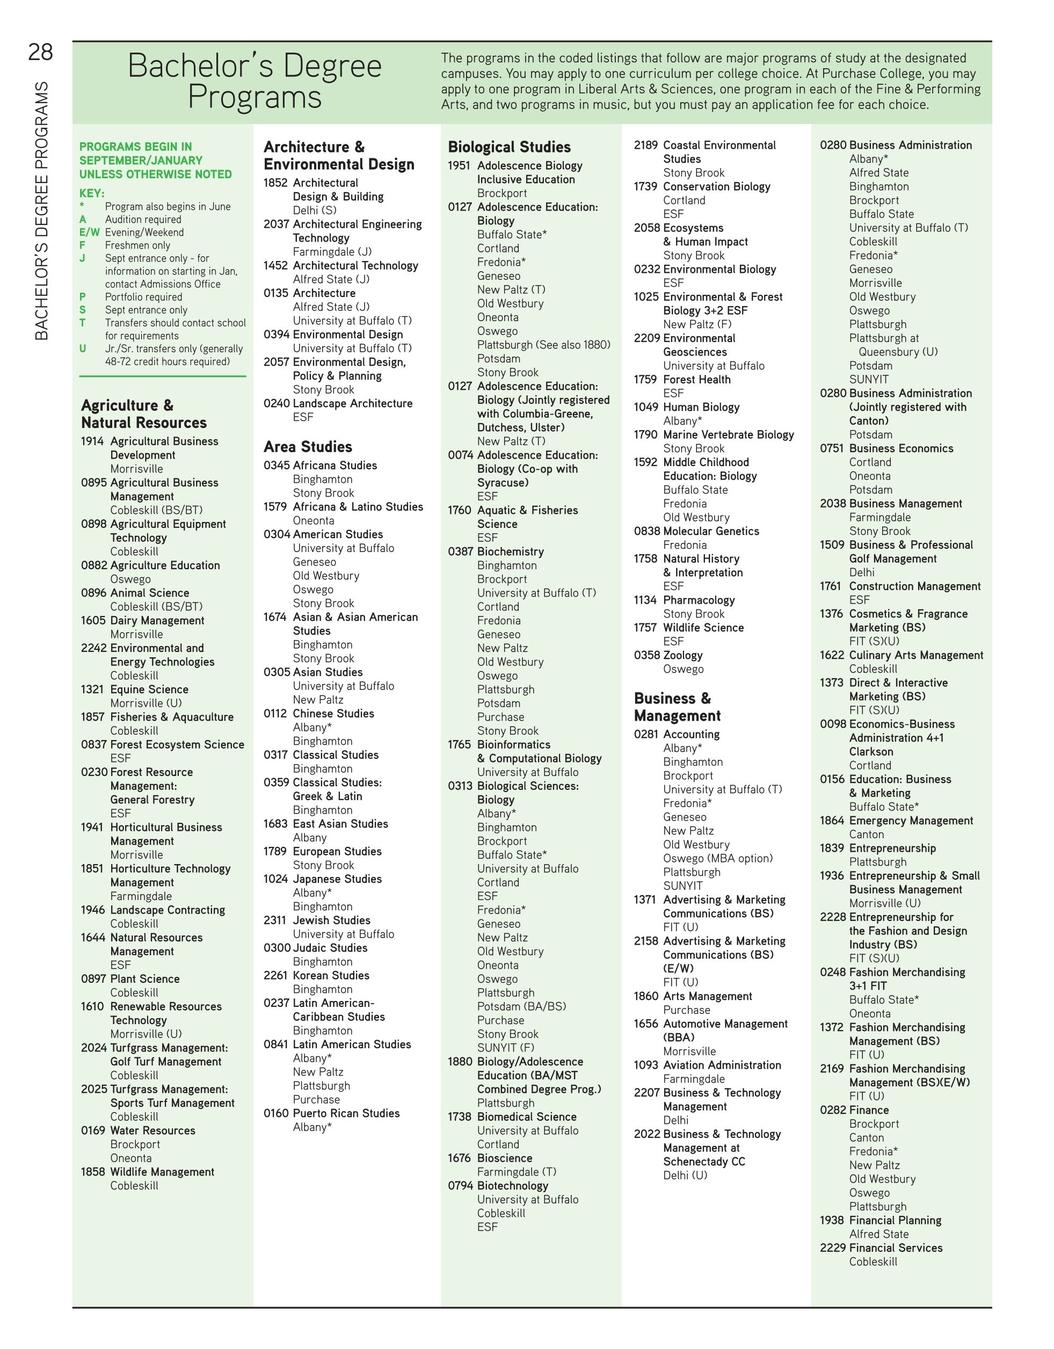 SUNY Viewbook 2013 28